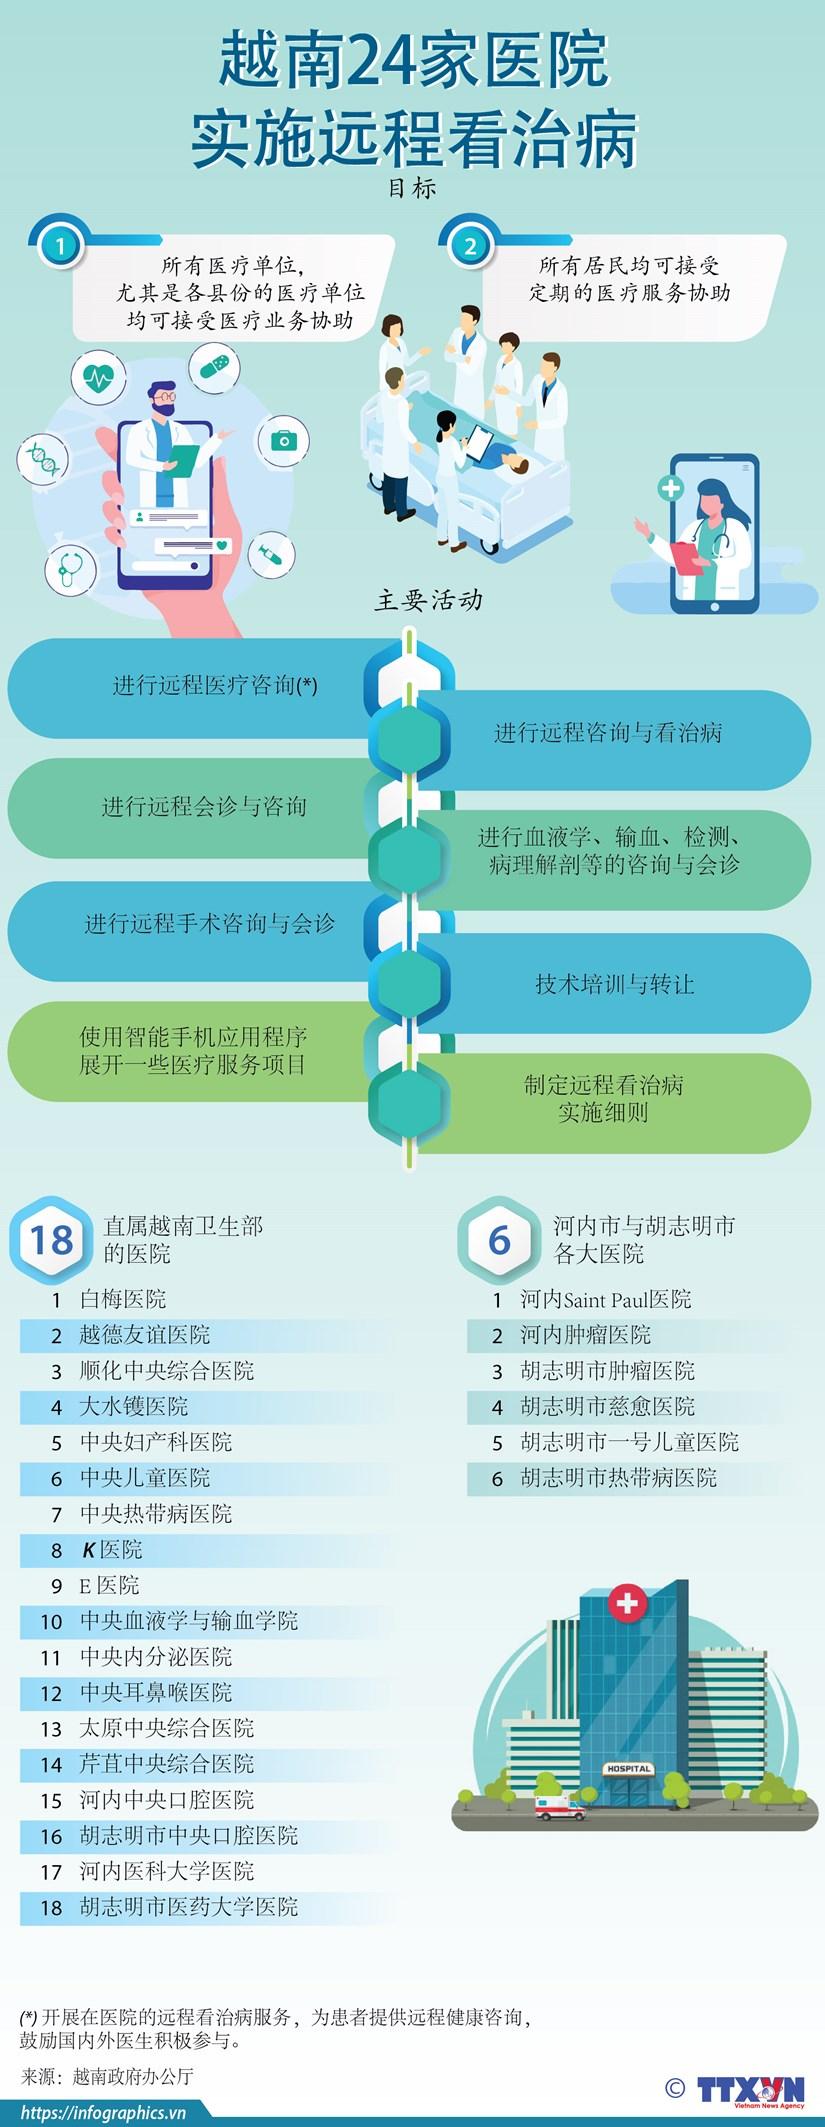 图表新闻:越南共有24家医院实施远程看治病 hinh anh 1